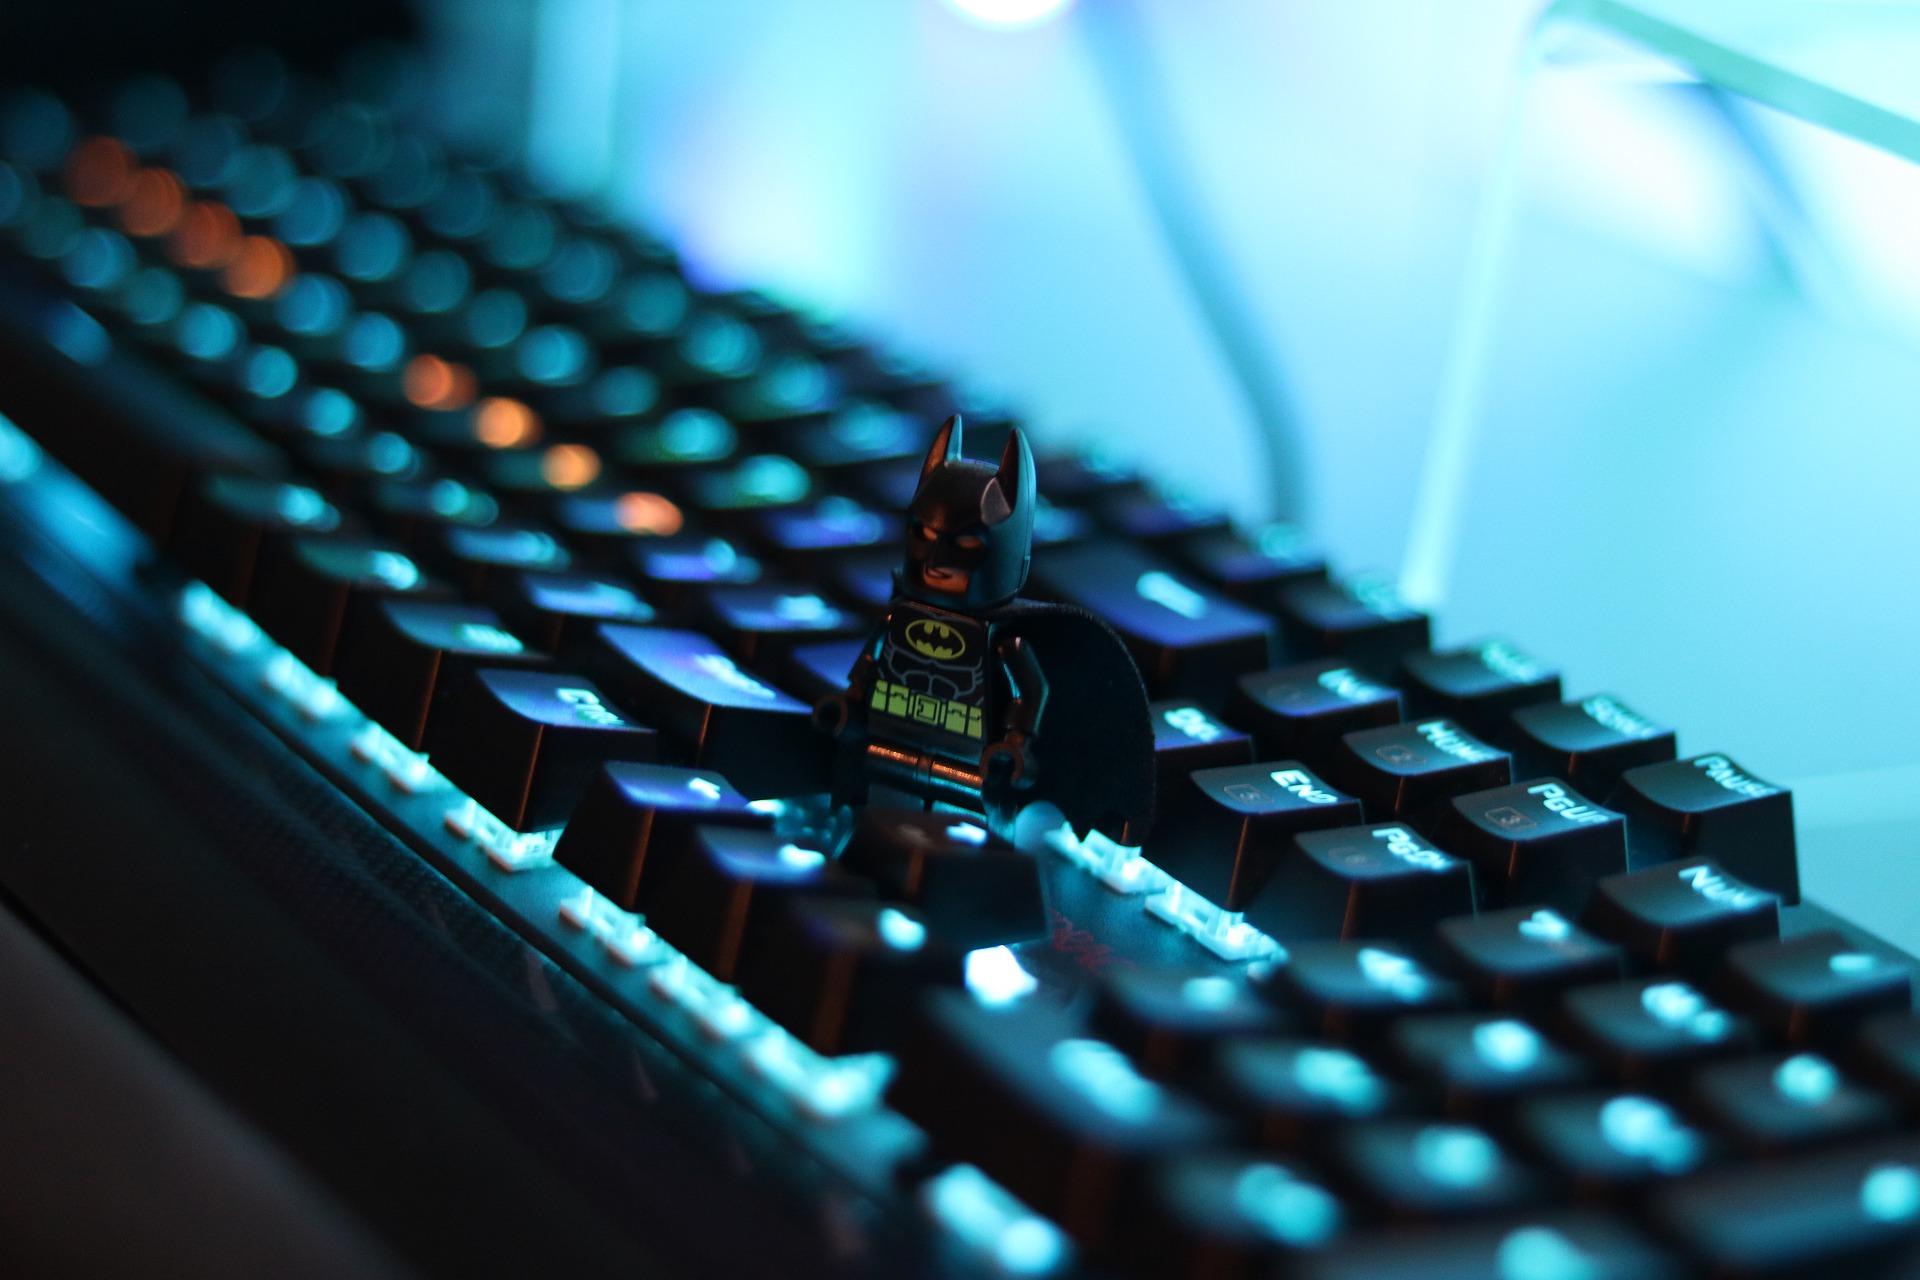 Imagem mostra um teclado gamer em destaque.